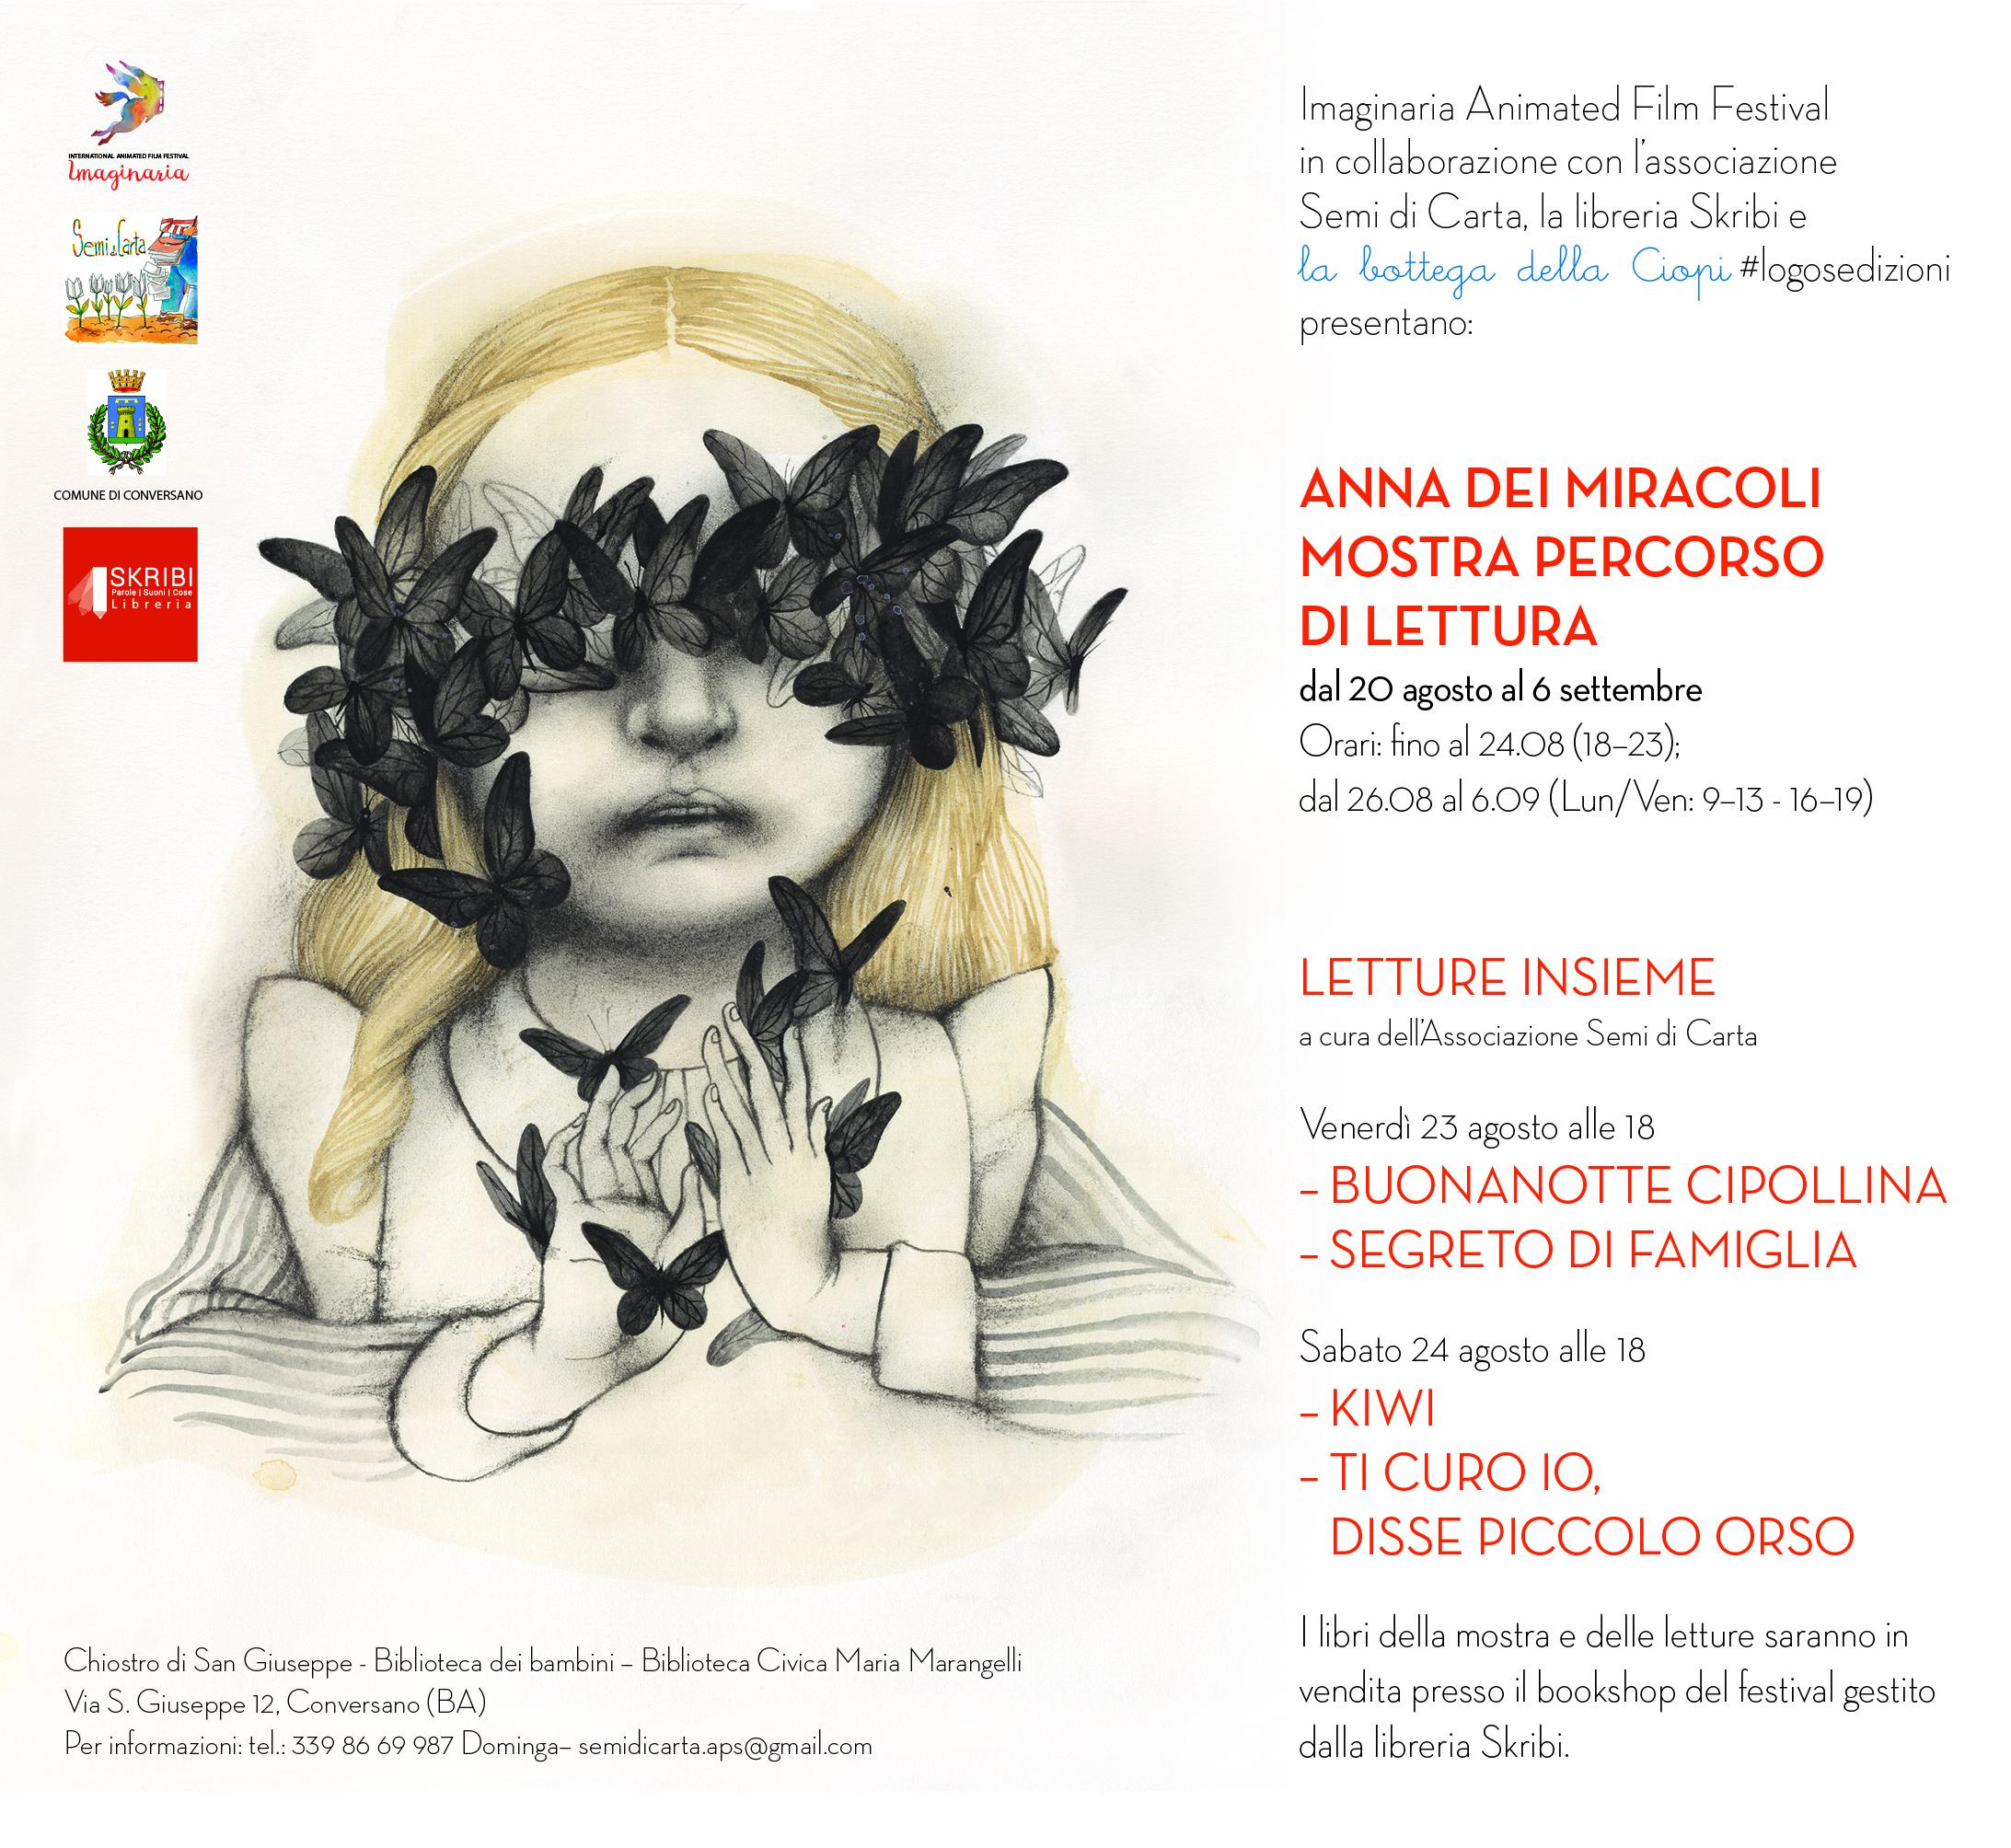 Anteprima Imaginaria Film Festival